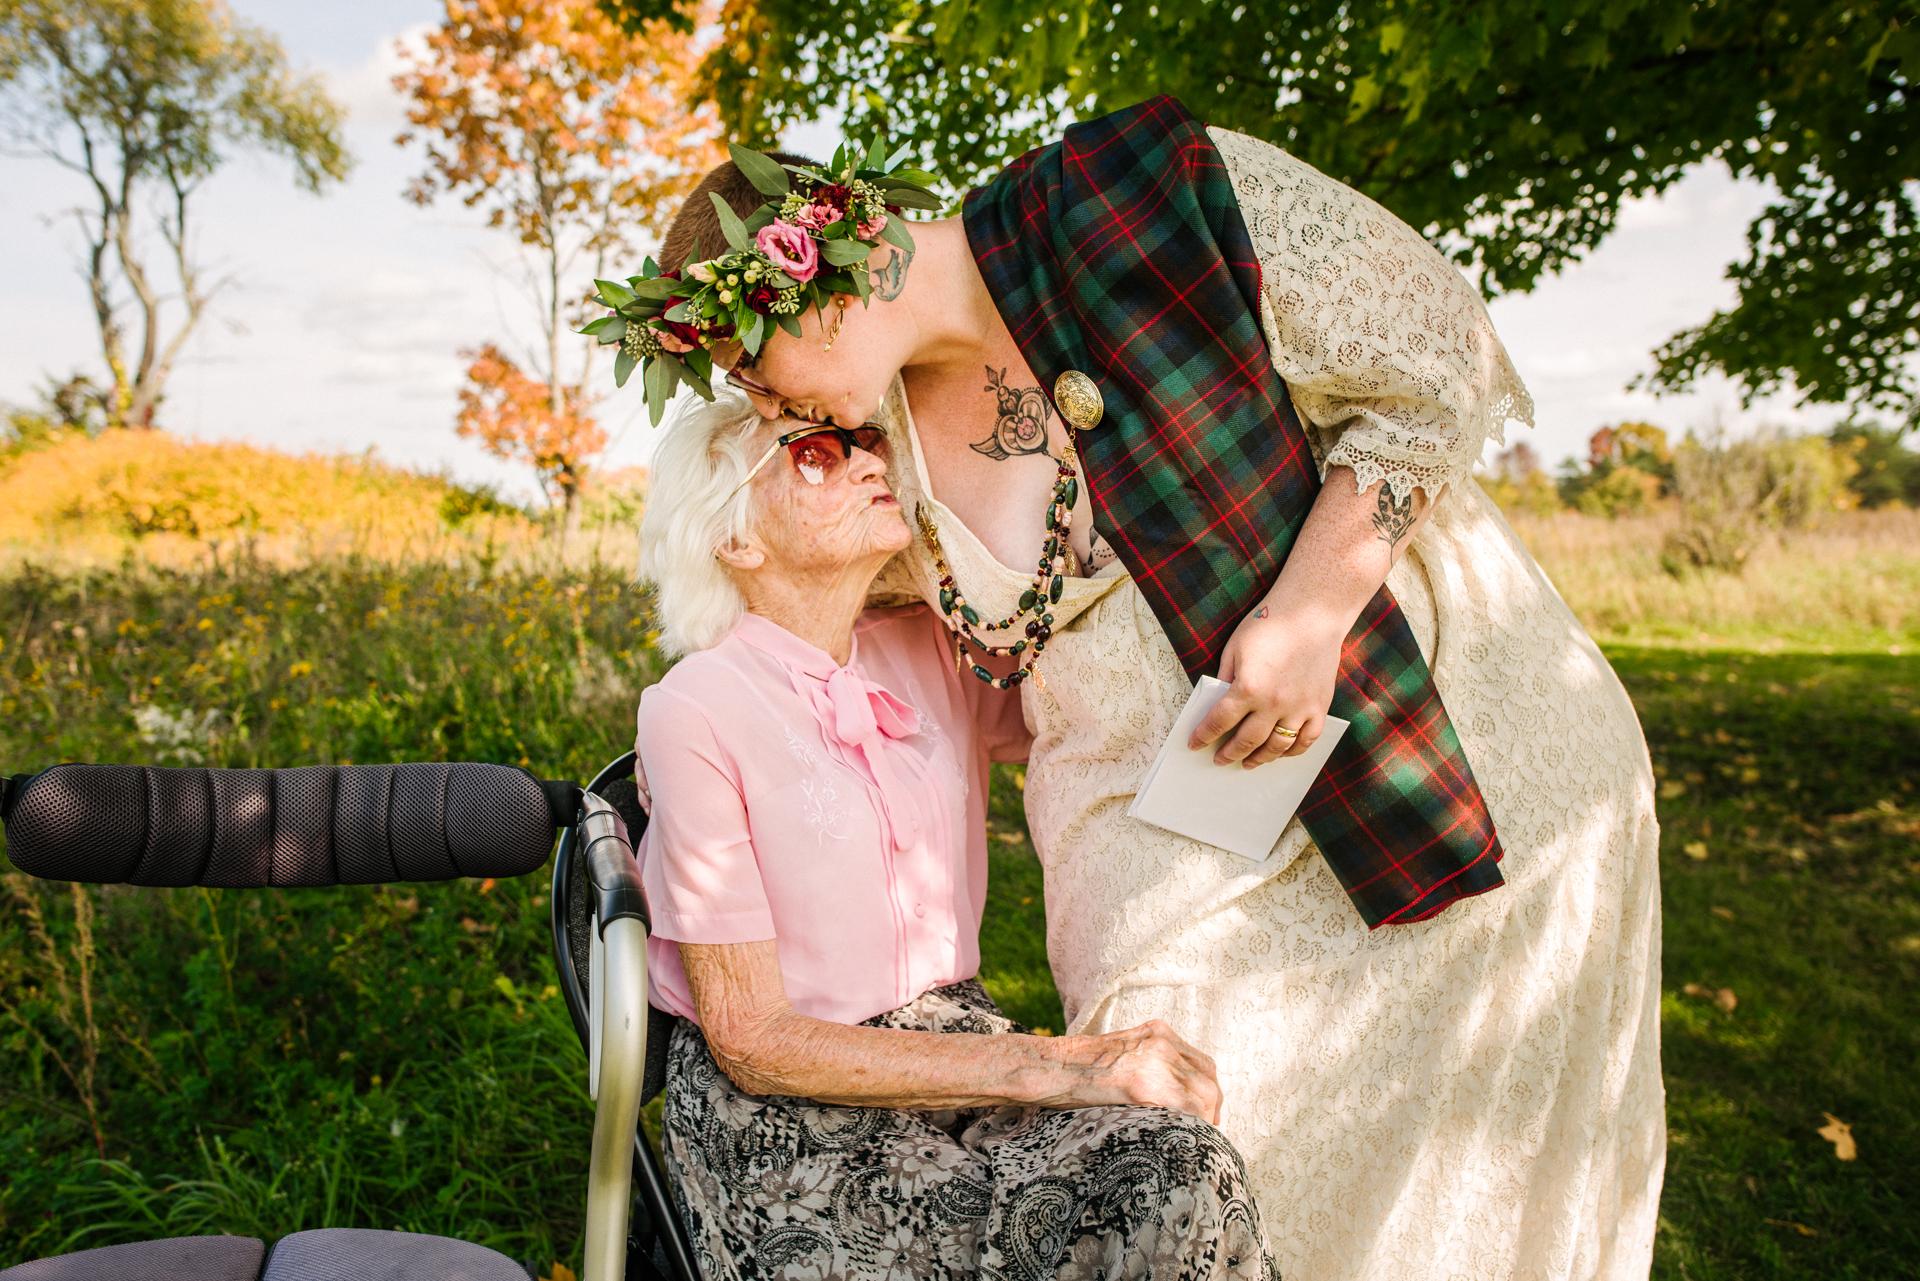 Fotografia de casamento ao ar livre em Ontário | A noiva se inclina para beijar a avó